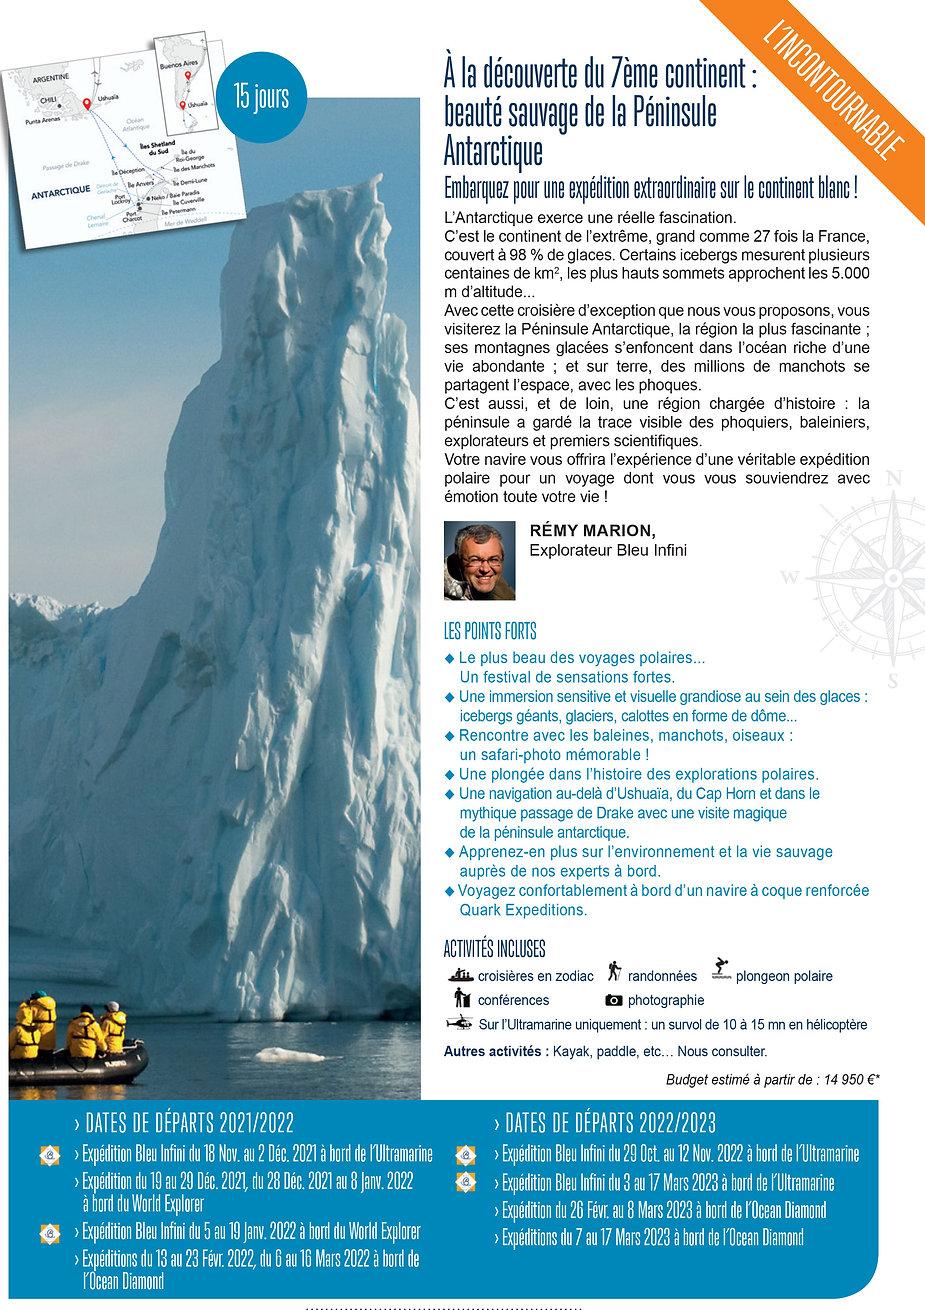 bleu-Infini-Antarctique-7continent-2022.jpg